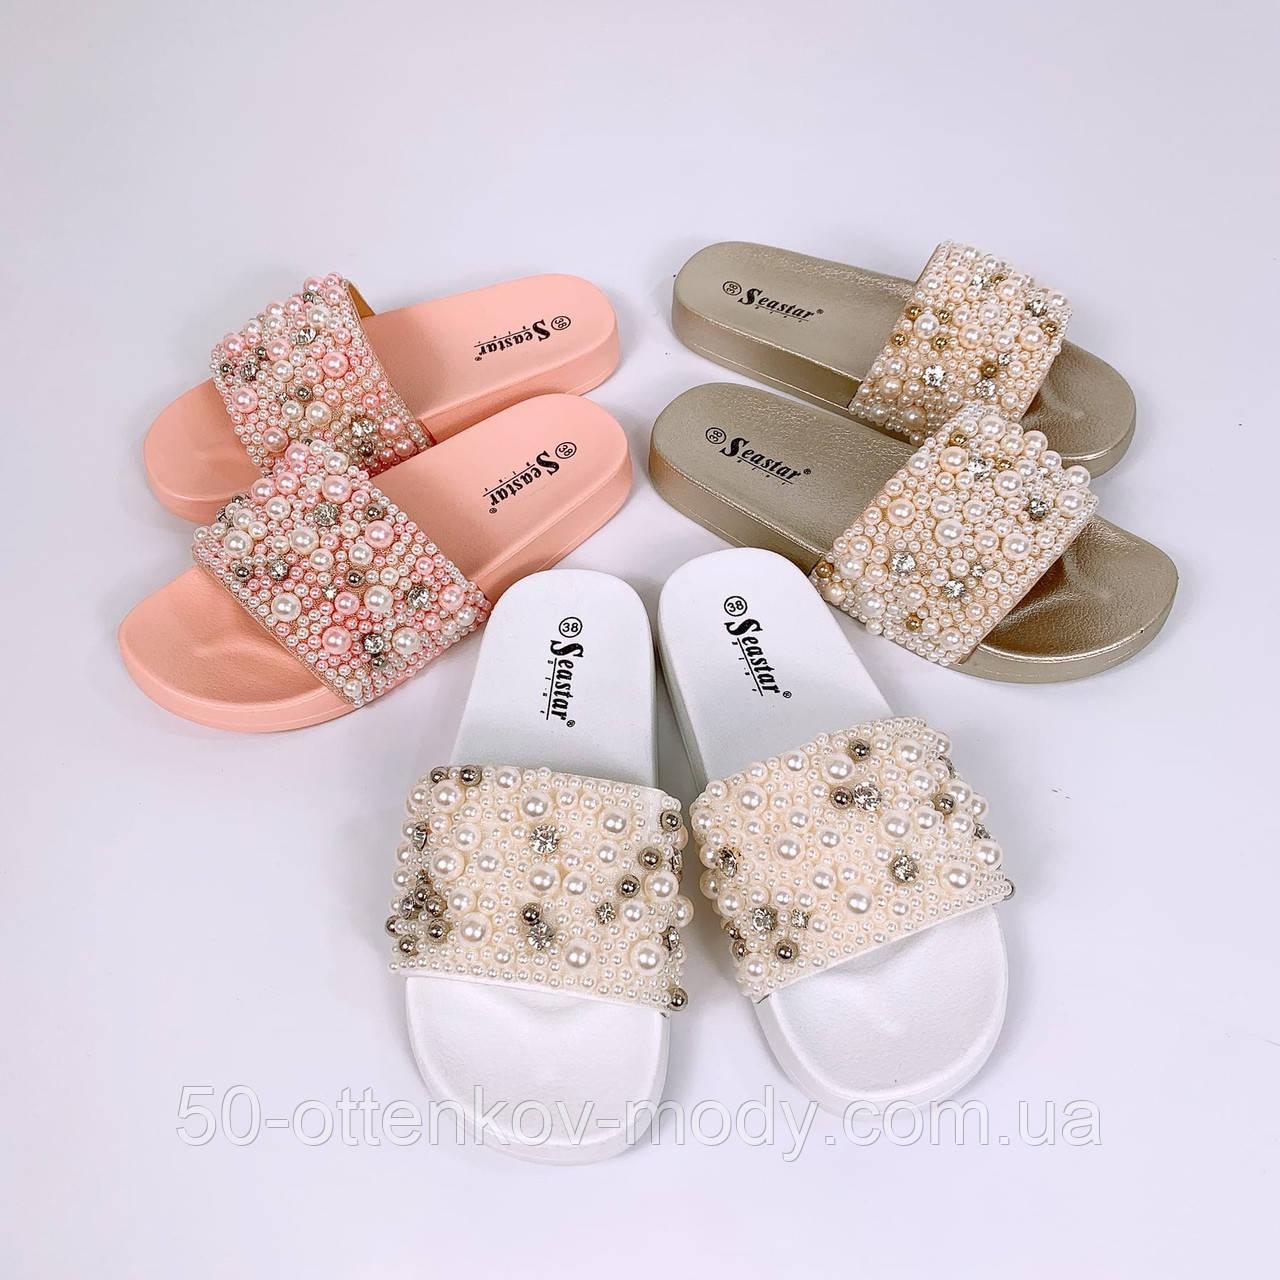 Женские пляжные шлепки с бусинками золотые розовые белые